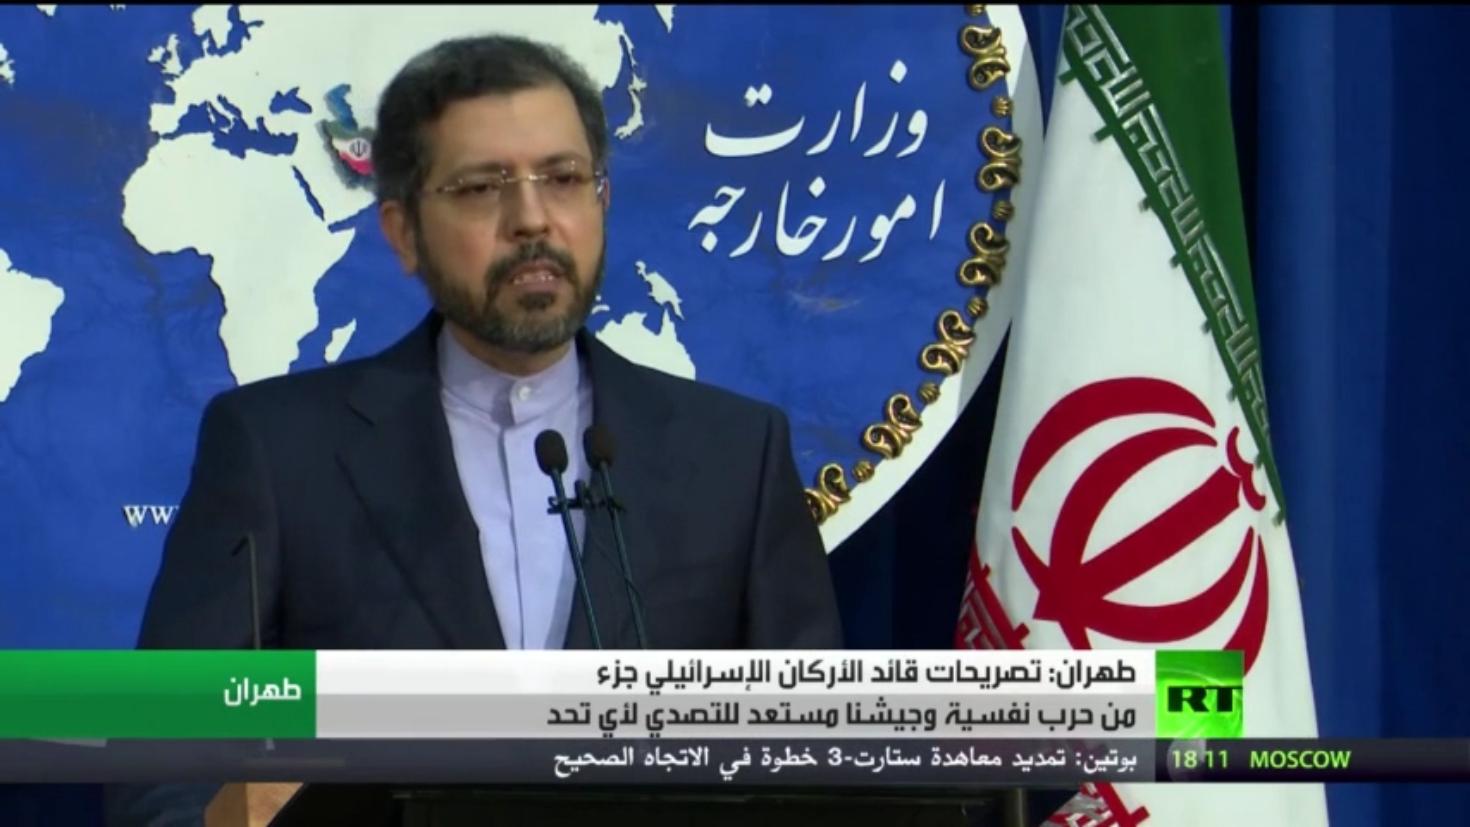 طهران: لن نتردد في الدفاع عن أمننا القومي